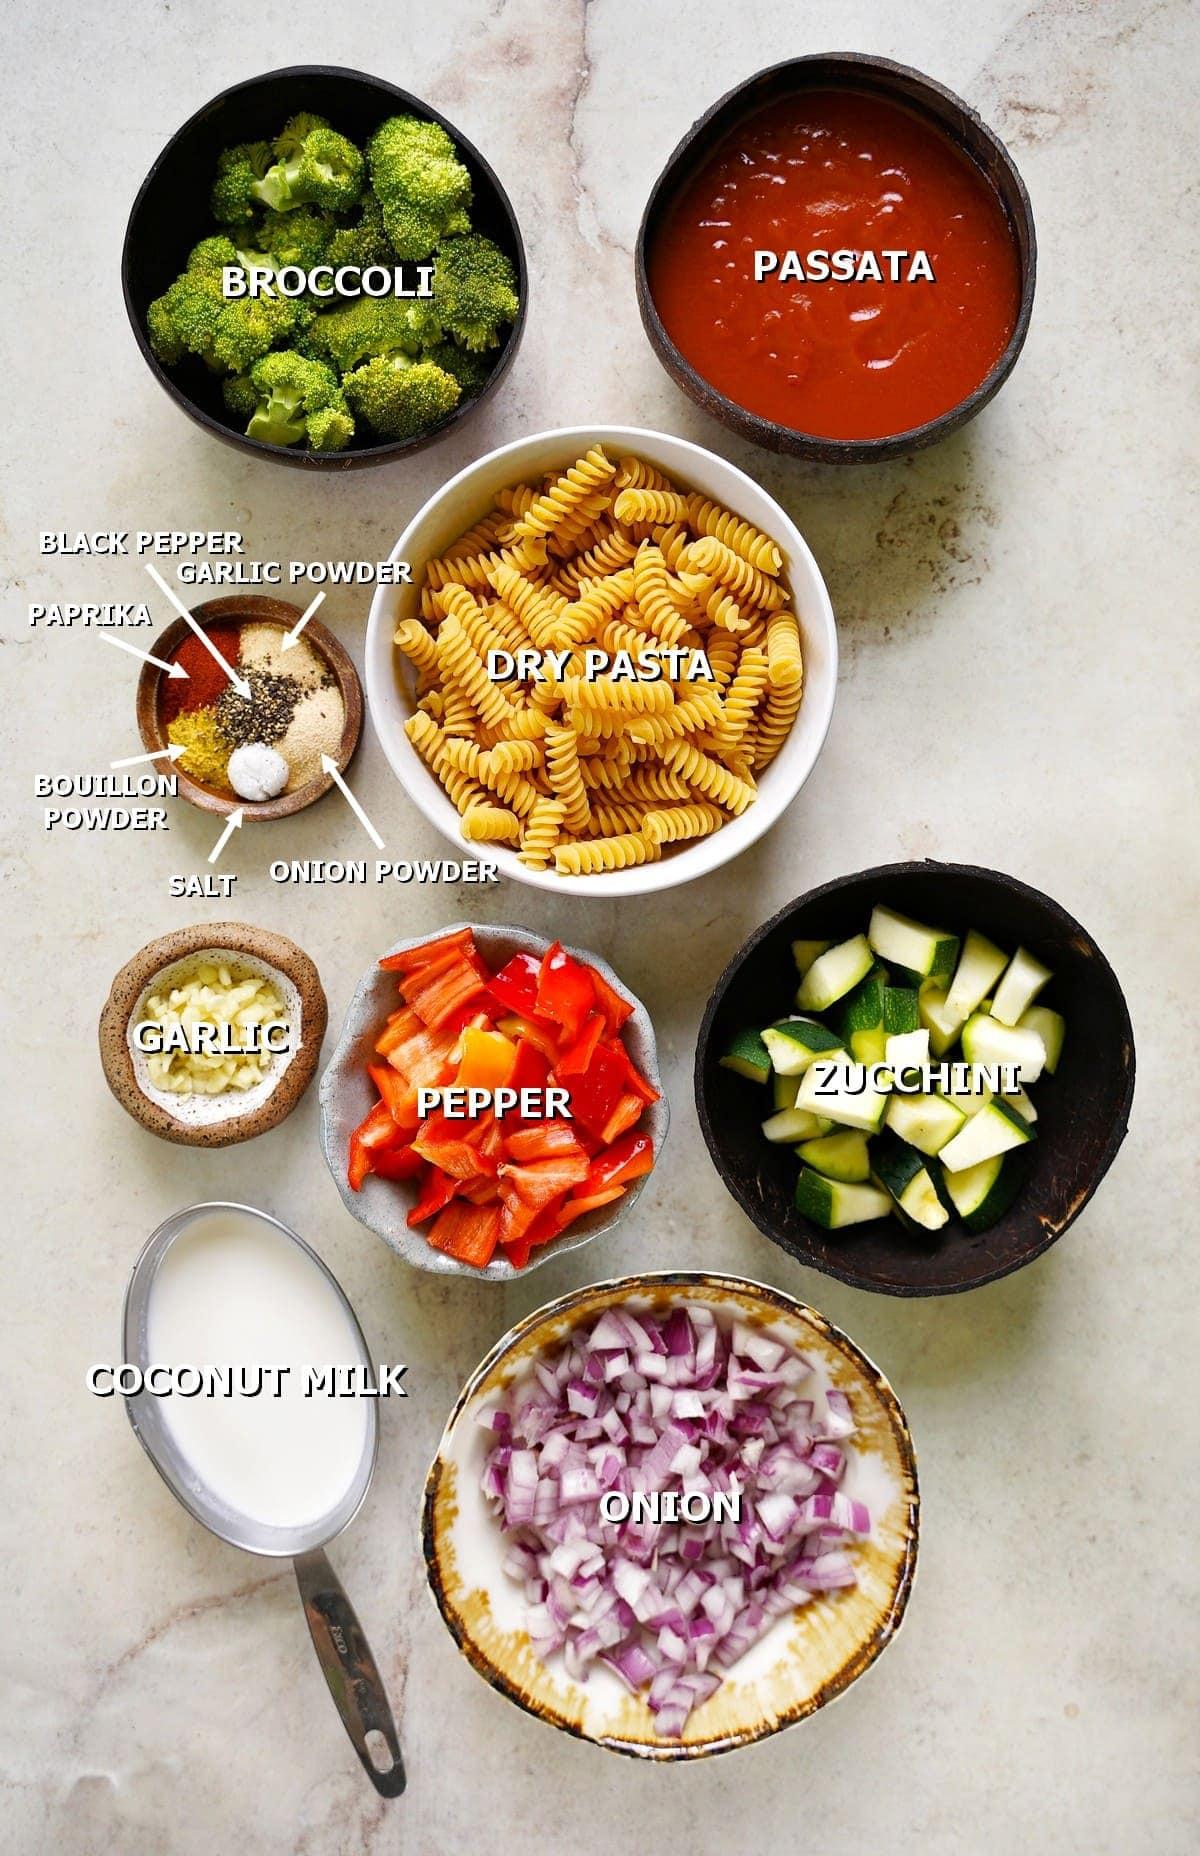 ingredients for vegan pasta dish